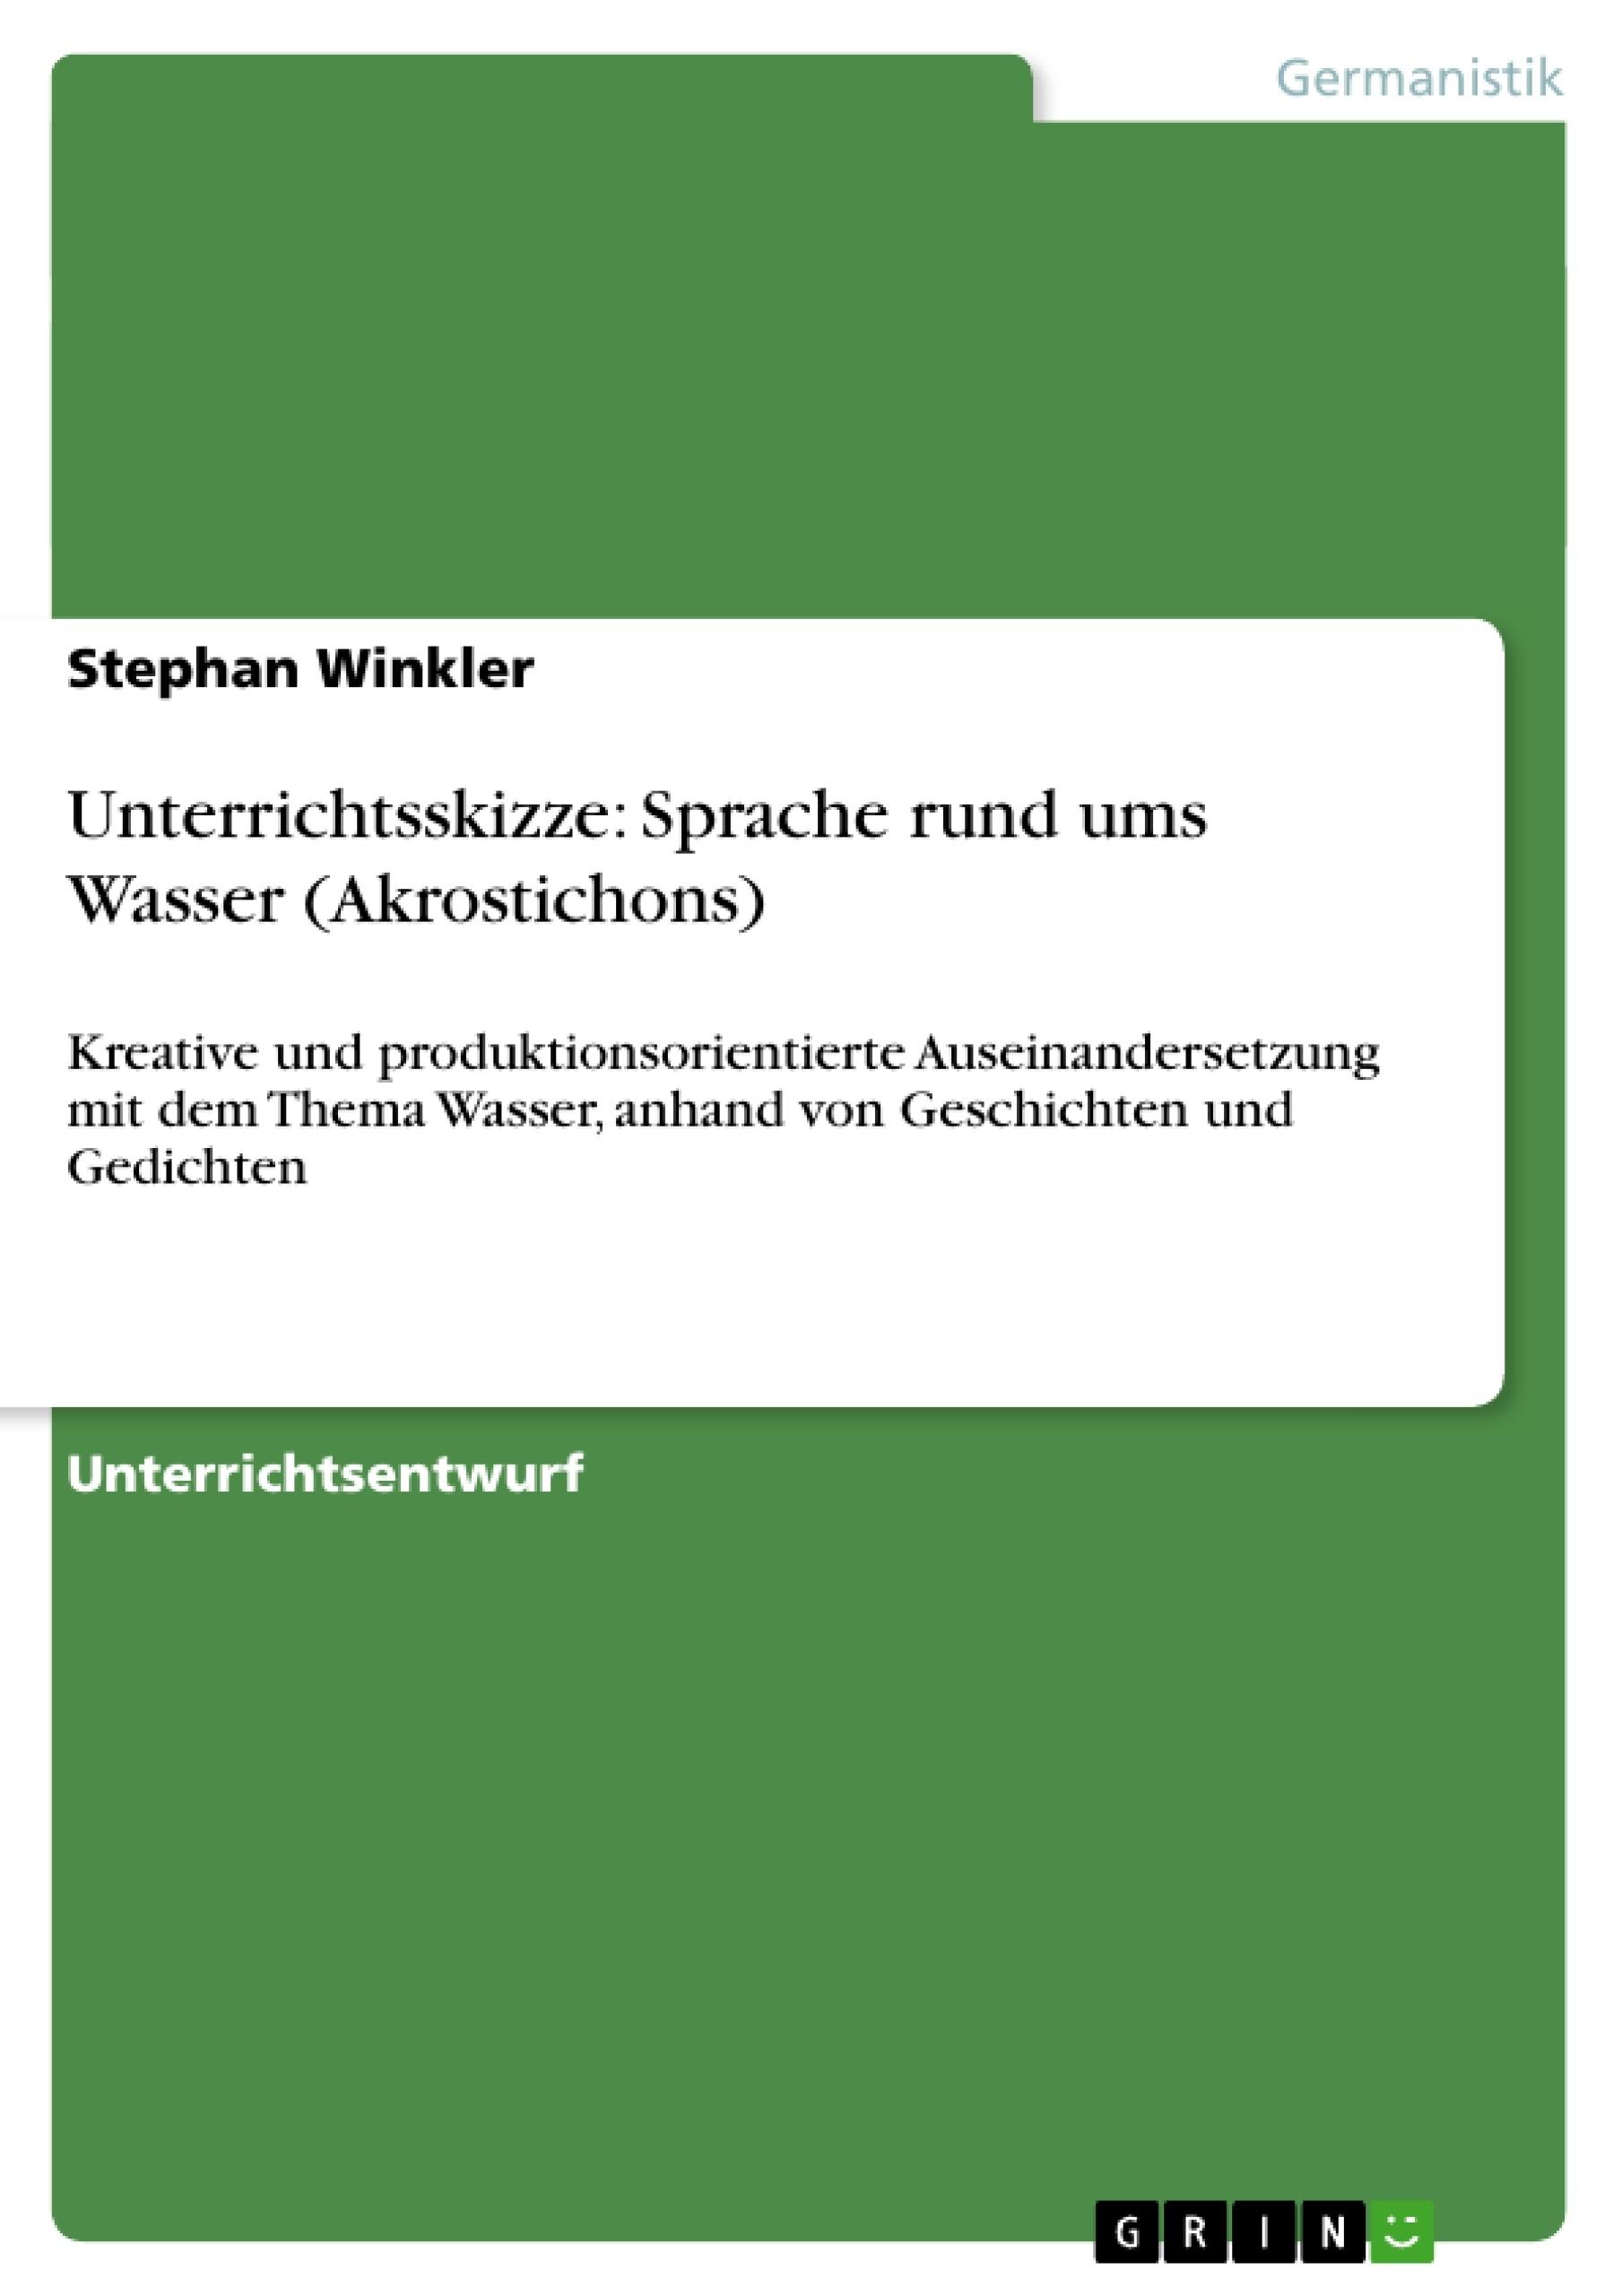 Titel: Unterrichtsskizze: Sprache rund ums Wasser (Akrostichons)